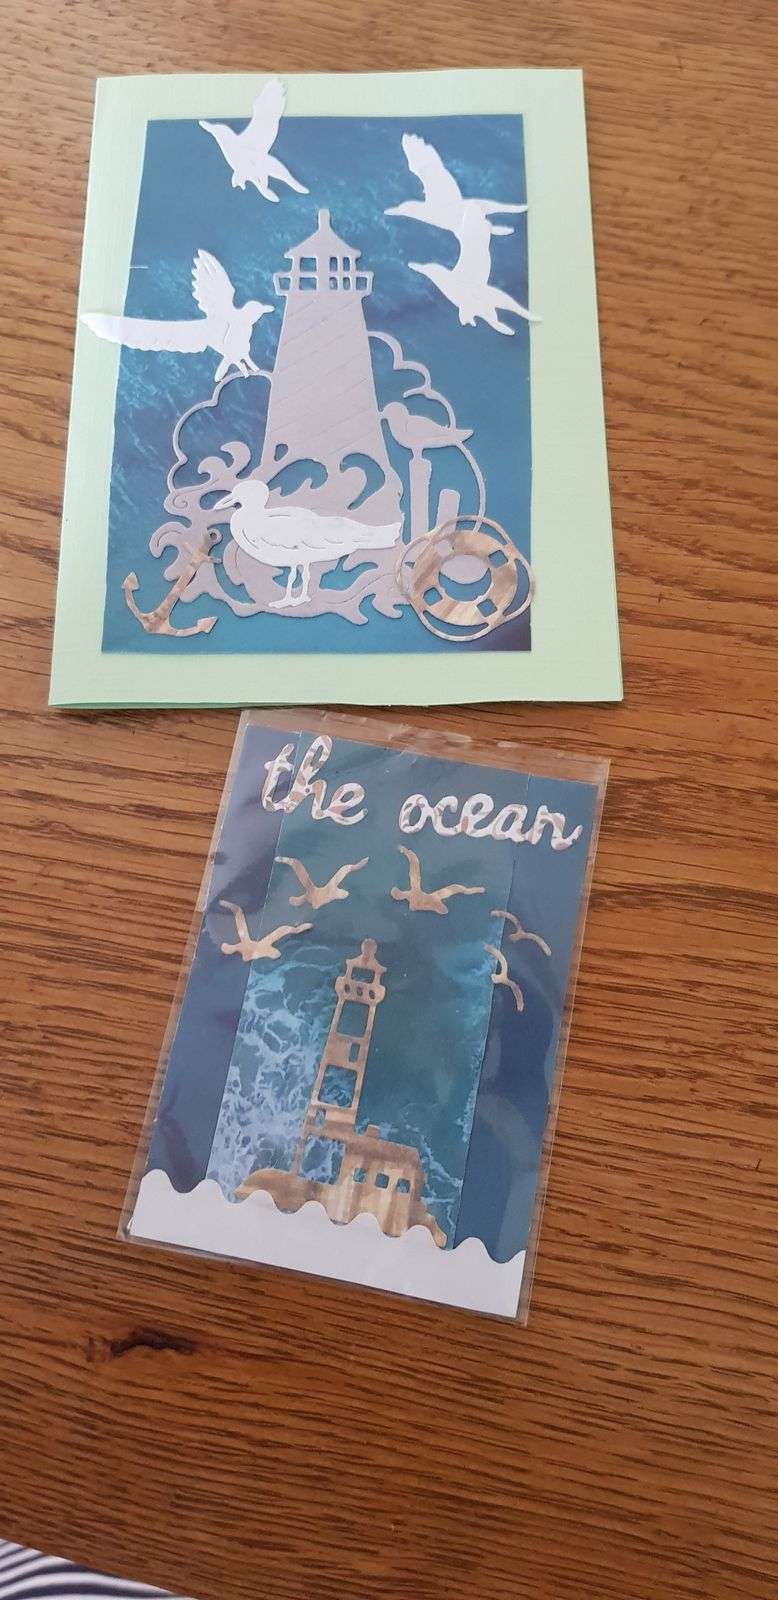 Voici celle que j ai reçu  de bisounours avec une jolie carte